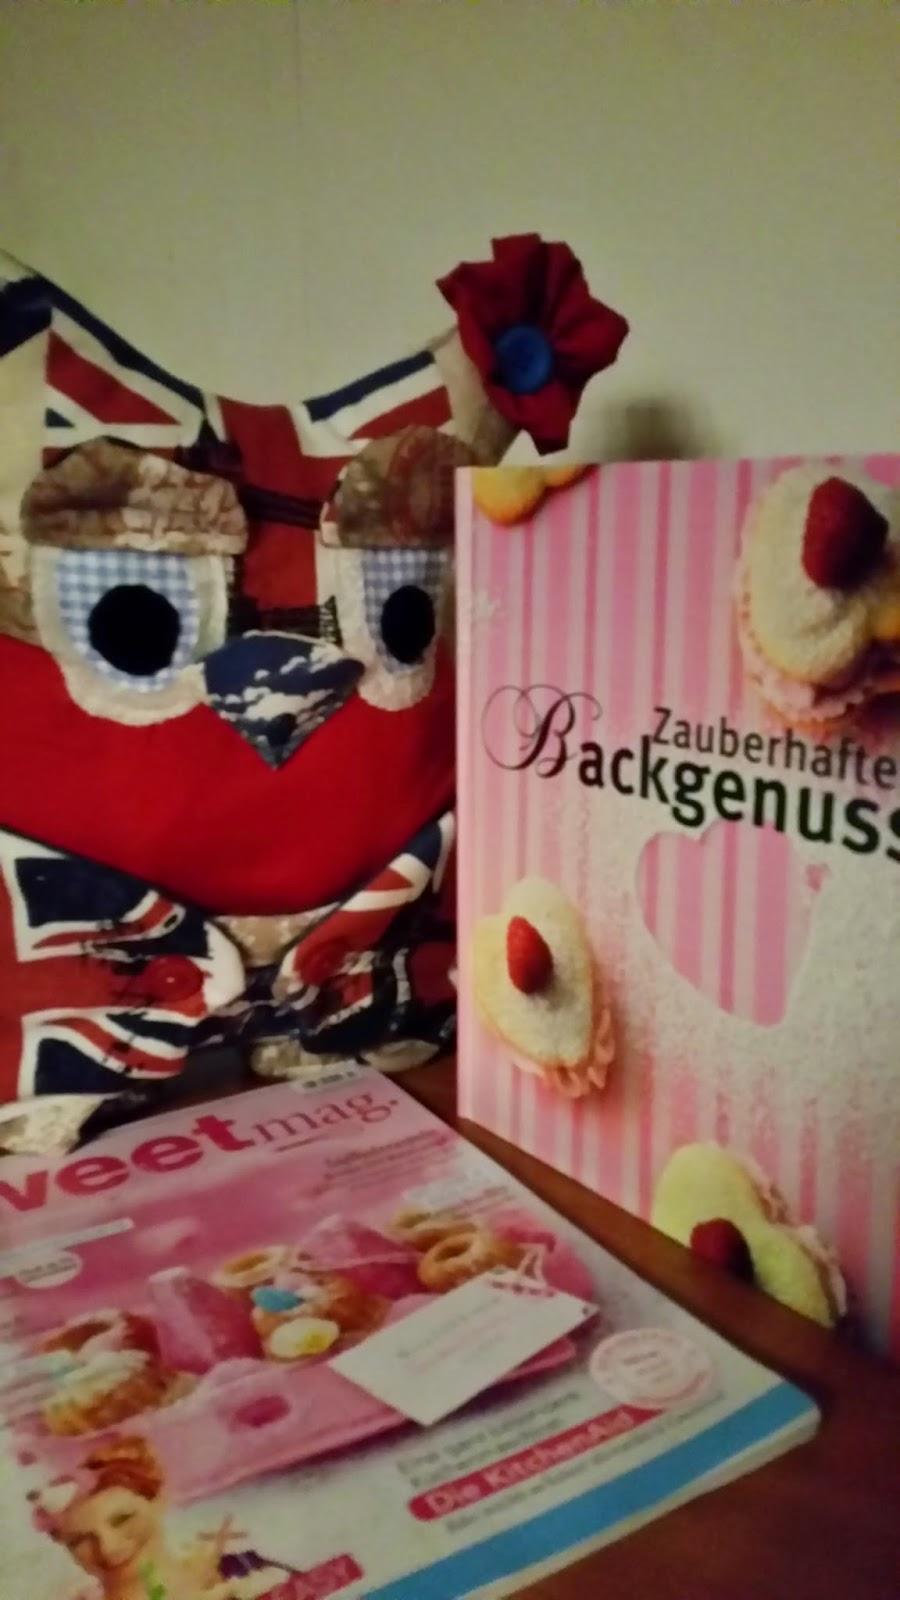 http://jensreadablebooks.blogspot.de/2015/04/zauberhafter-backgenuss.html